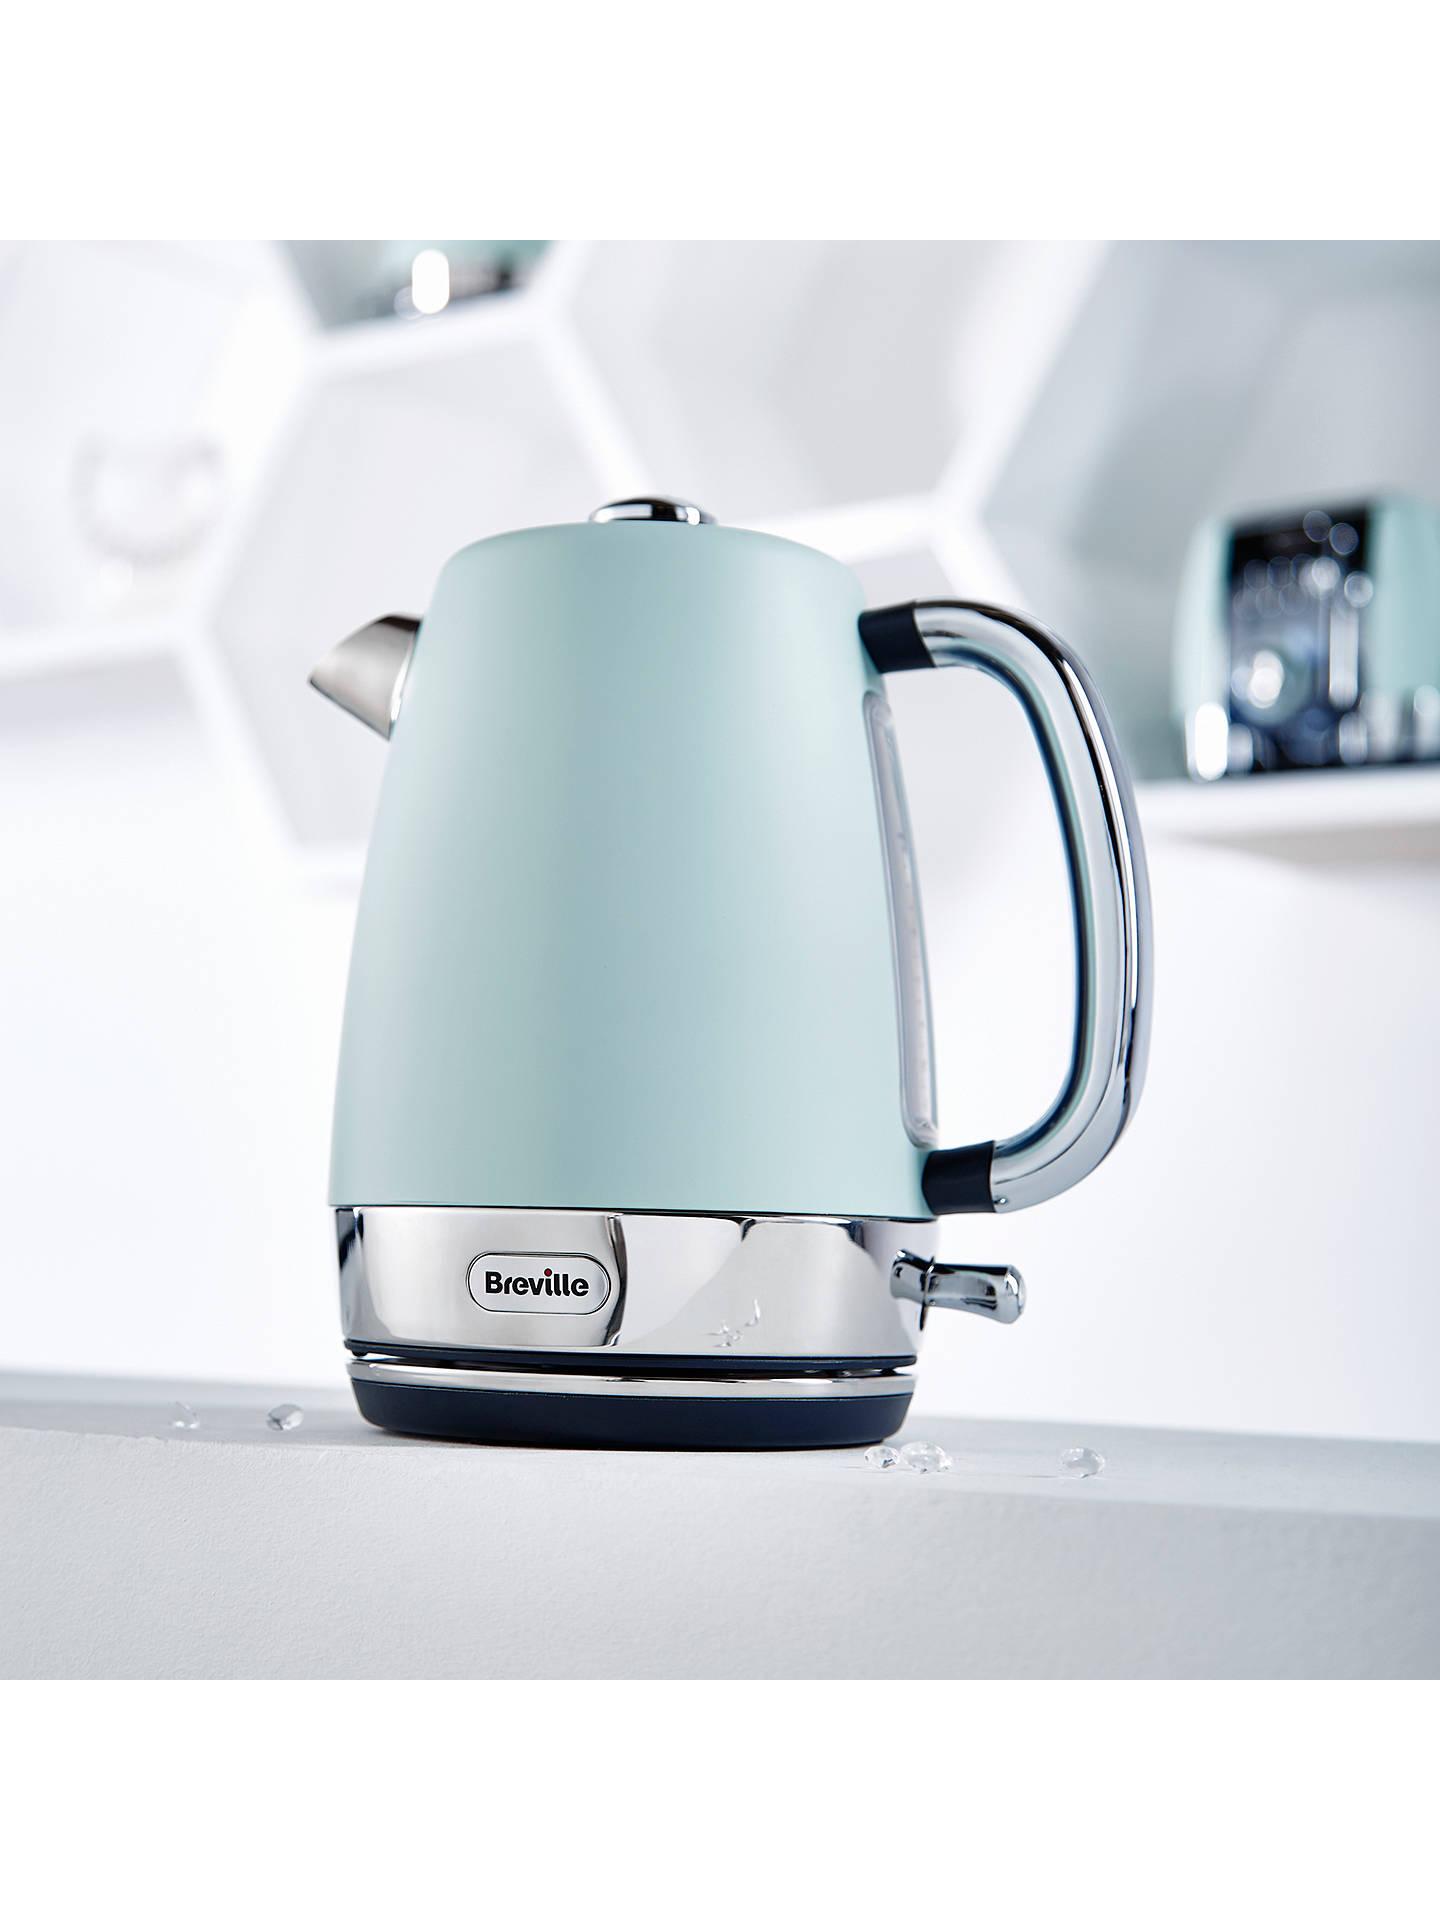 breville strata 1 7l jug kettle at john lewis partners. Black Bedroom Furniture Sets. Home Design Ideas